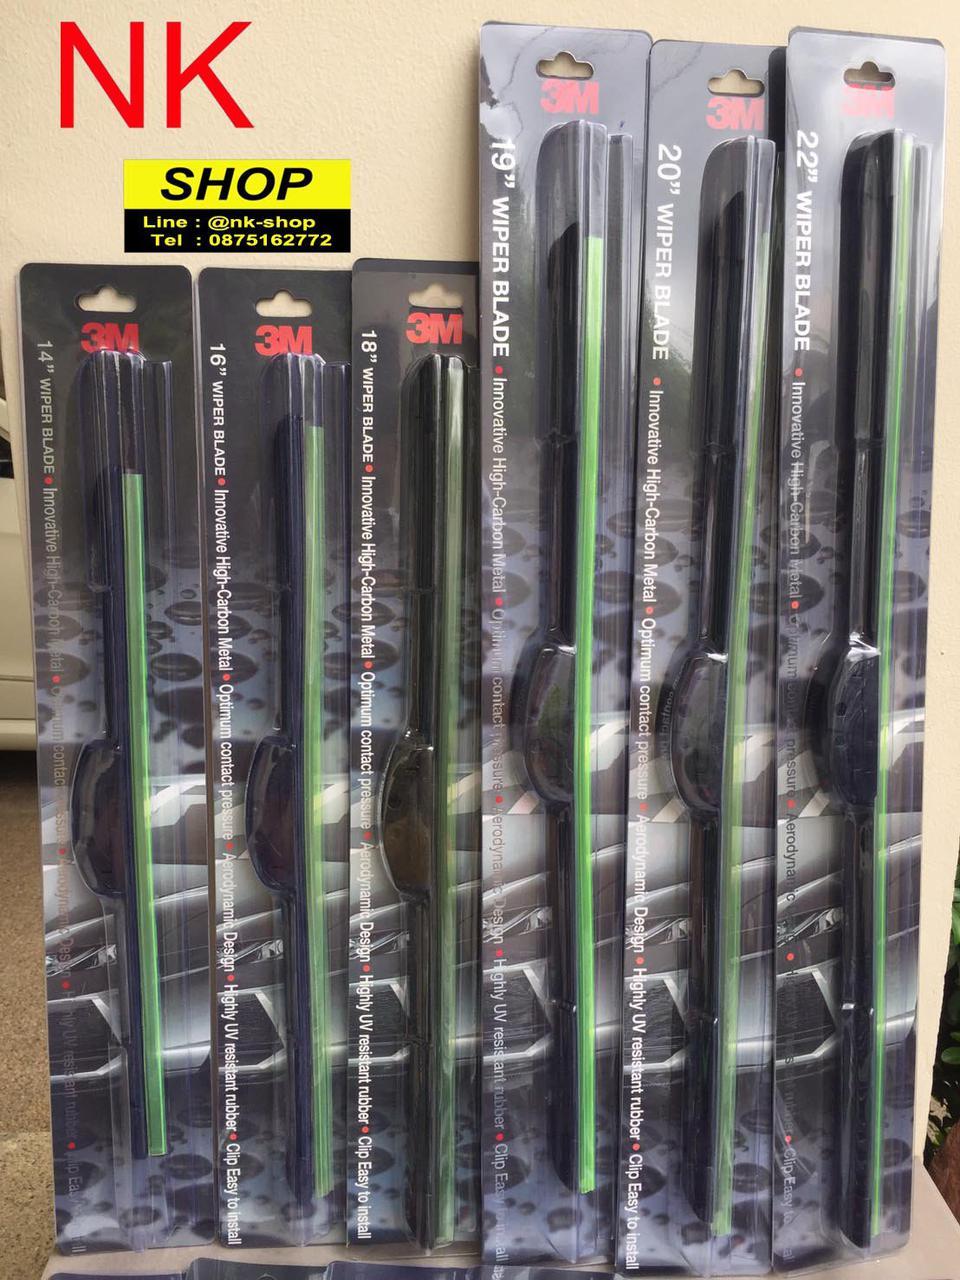 ใบปัดน้ำฝน 3M Wiper Blade  ของแท้ ทรง Aero Blade รูปที่ 1